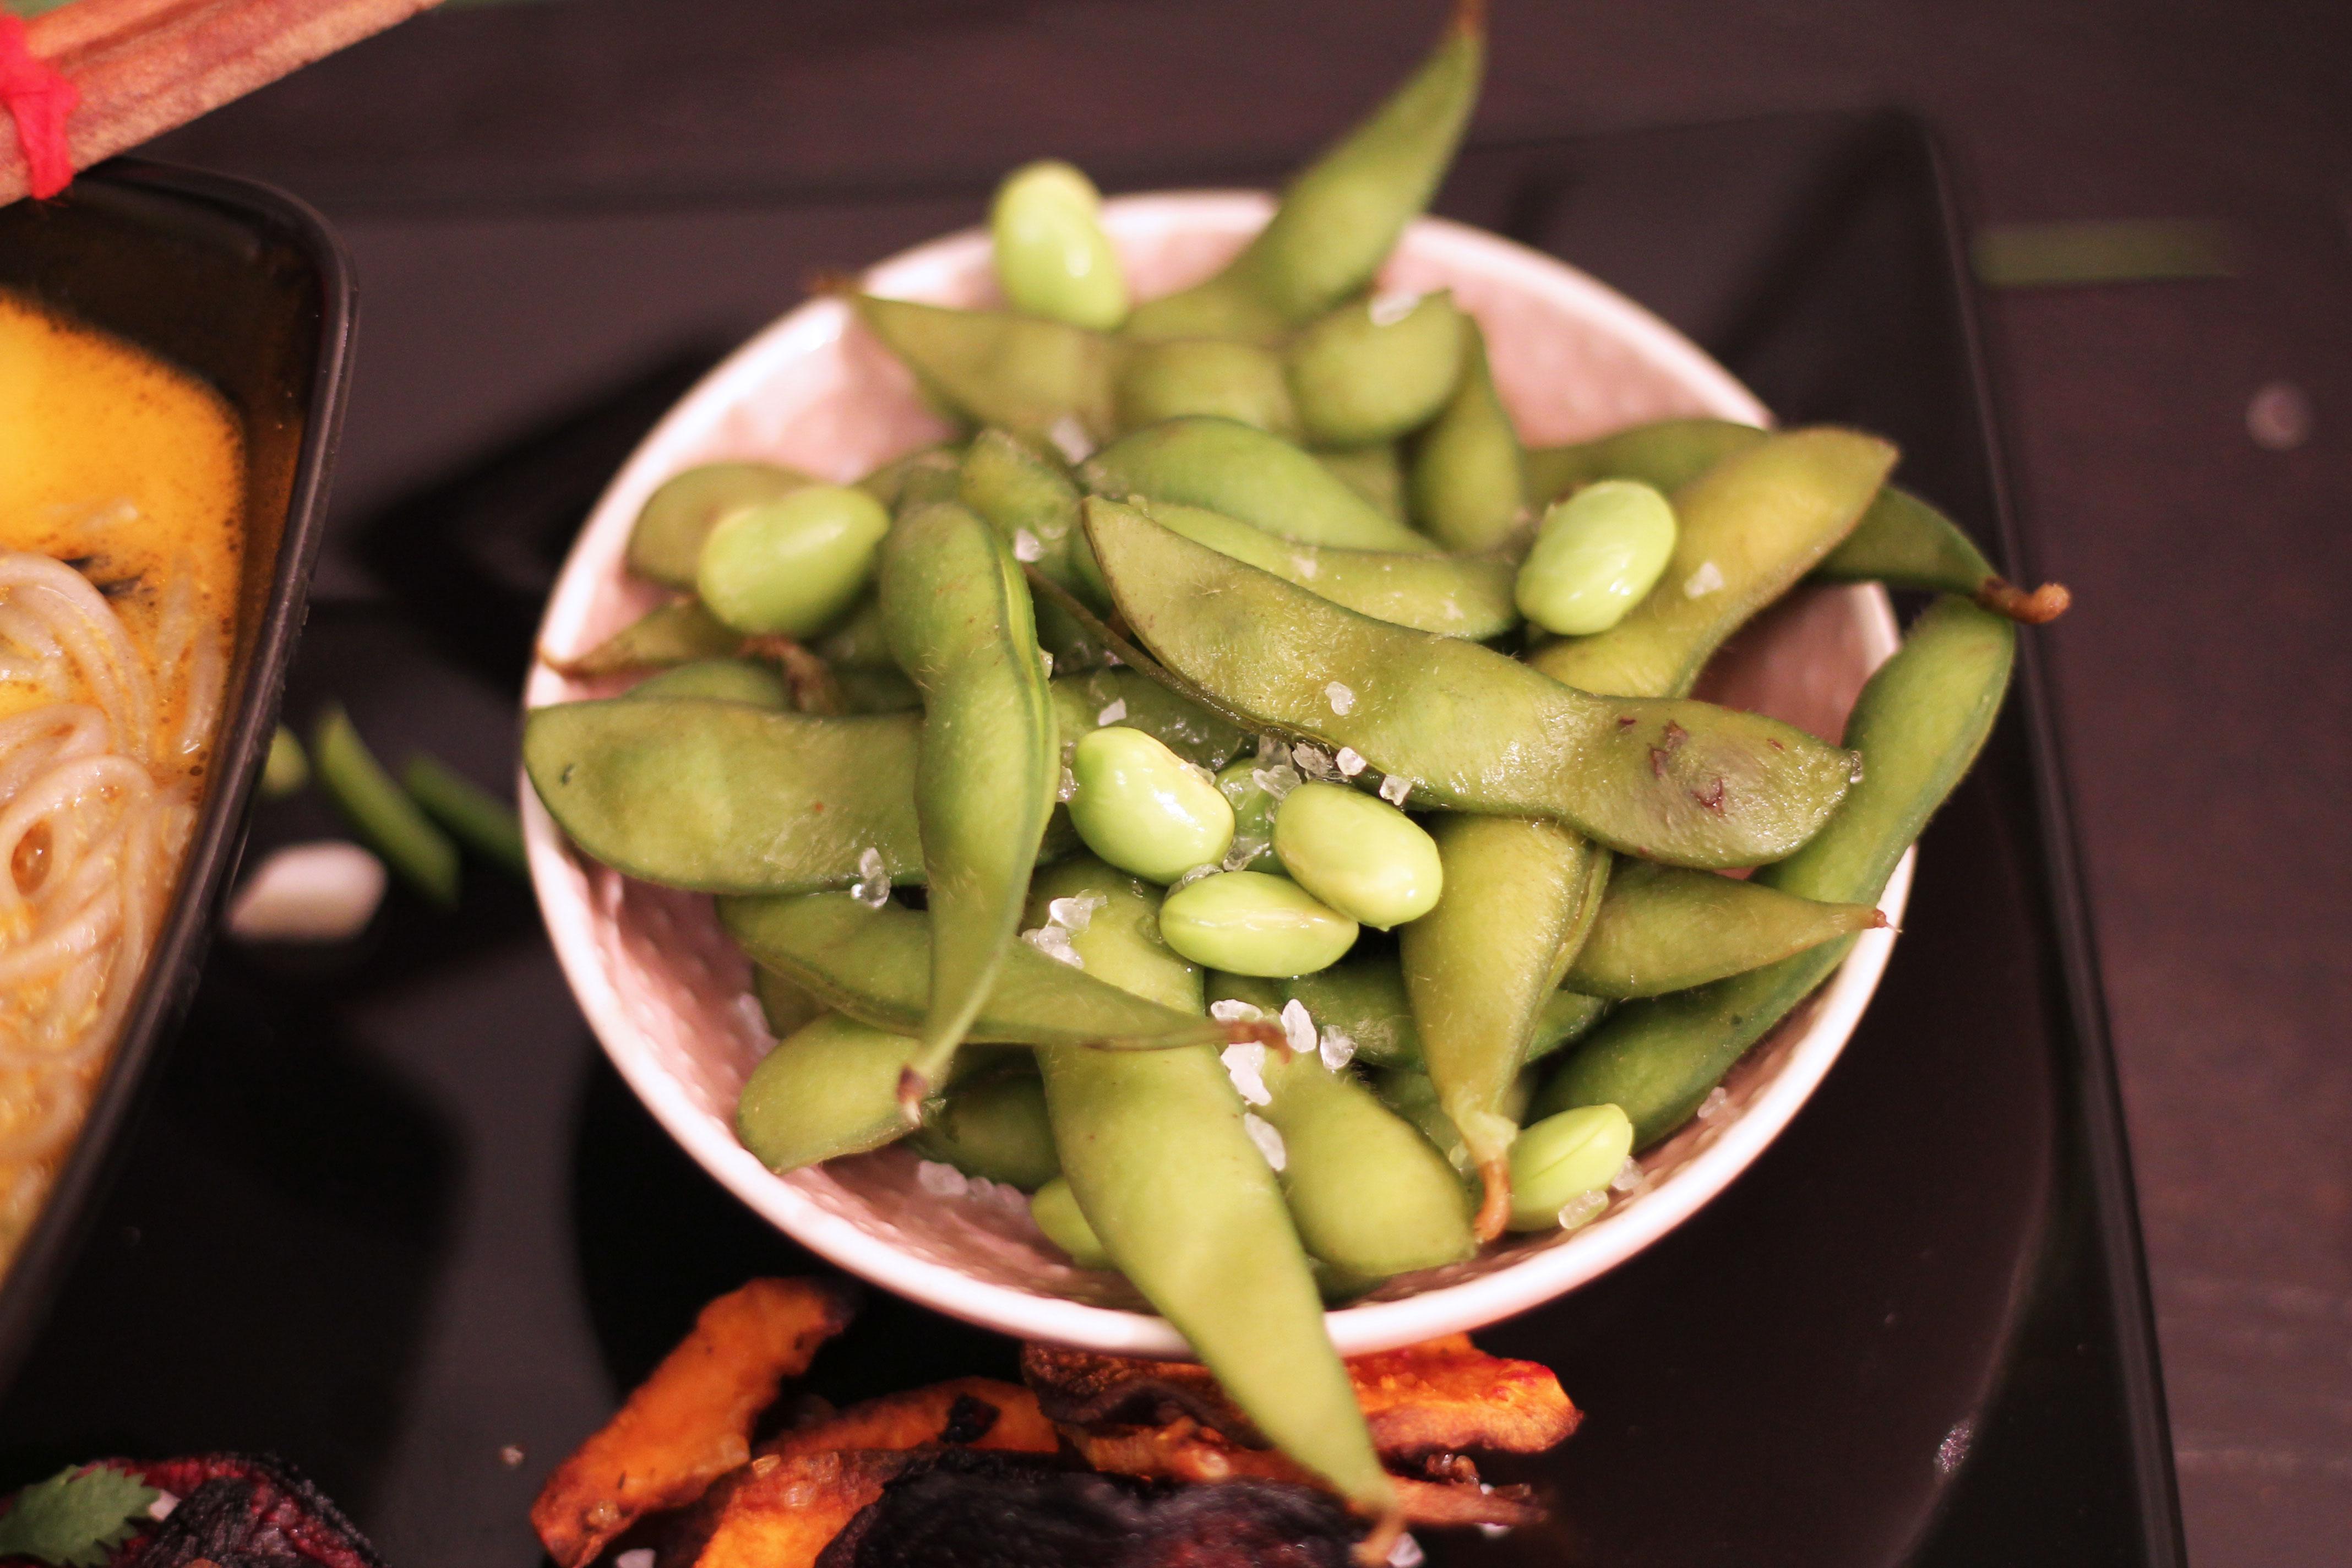 7geschmackswelten-food-blog-parade-japanisch-world-of-warcraft-edamame-soja-bohnen